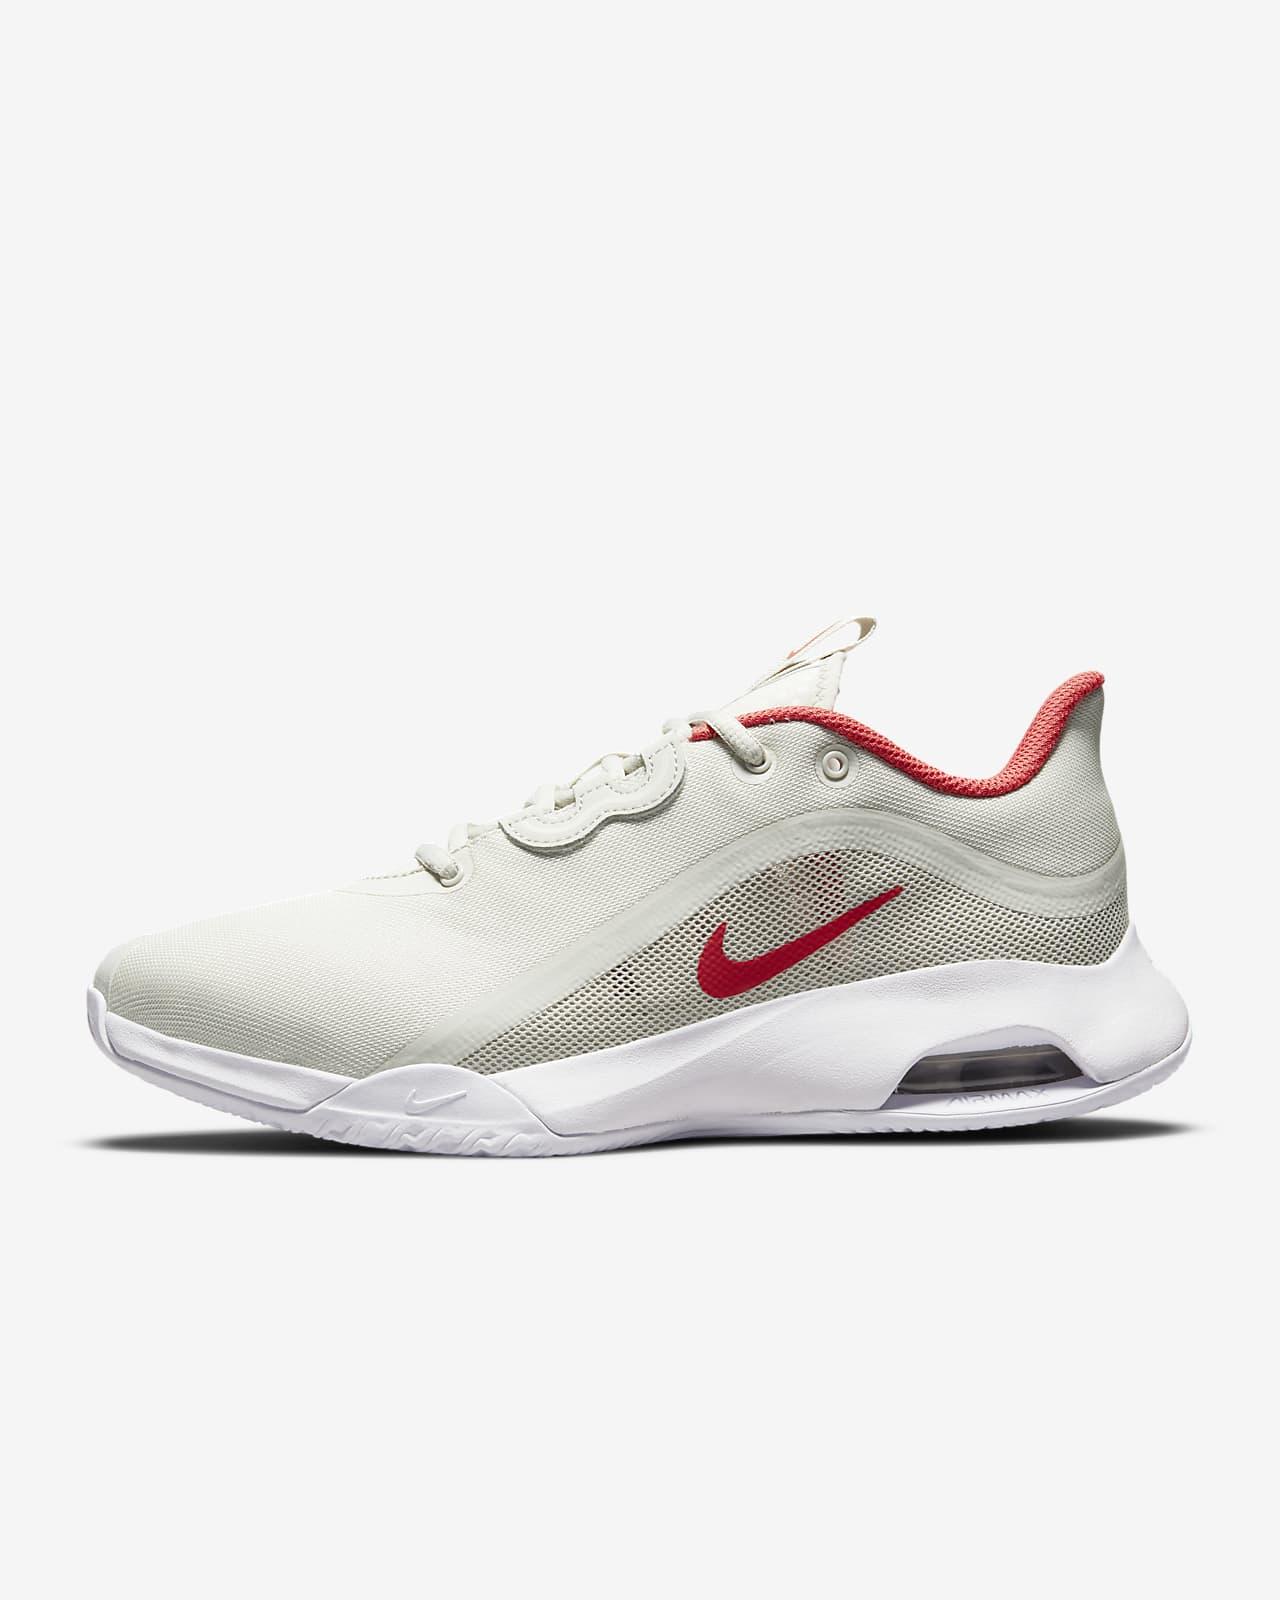 รองเท้าเทนนิสฮาร์ดคอร์ทผู้หญิง NikeCourt Air Max Volley